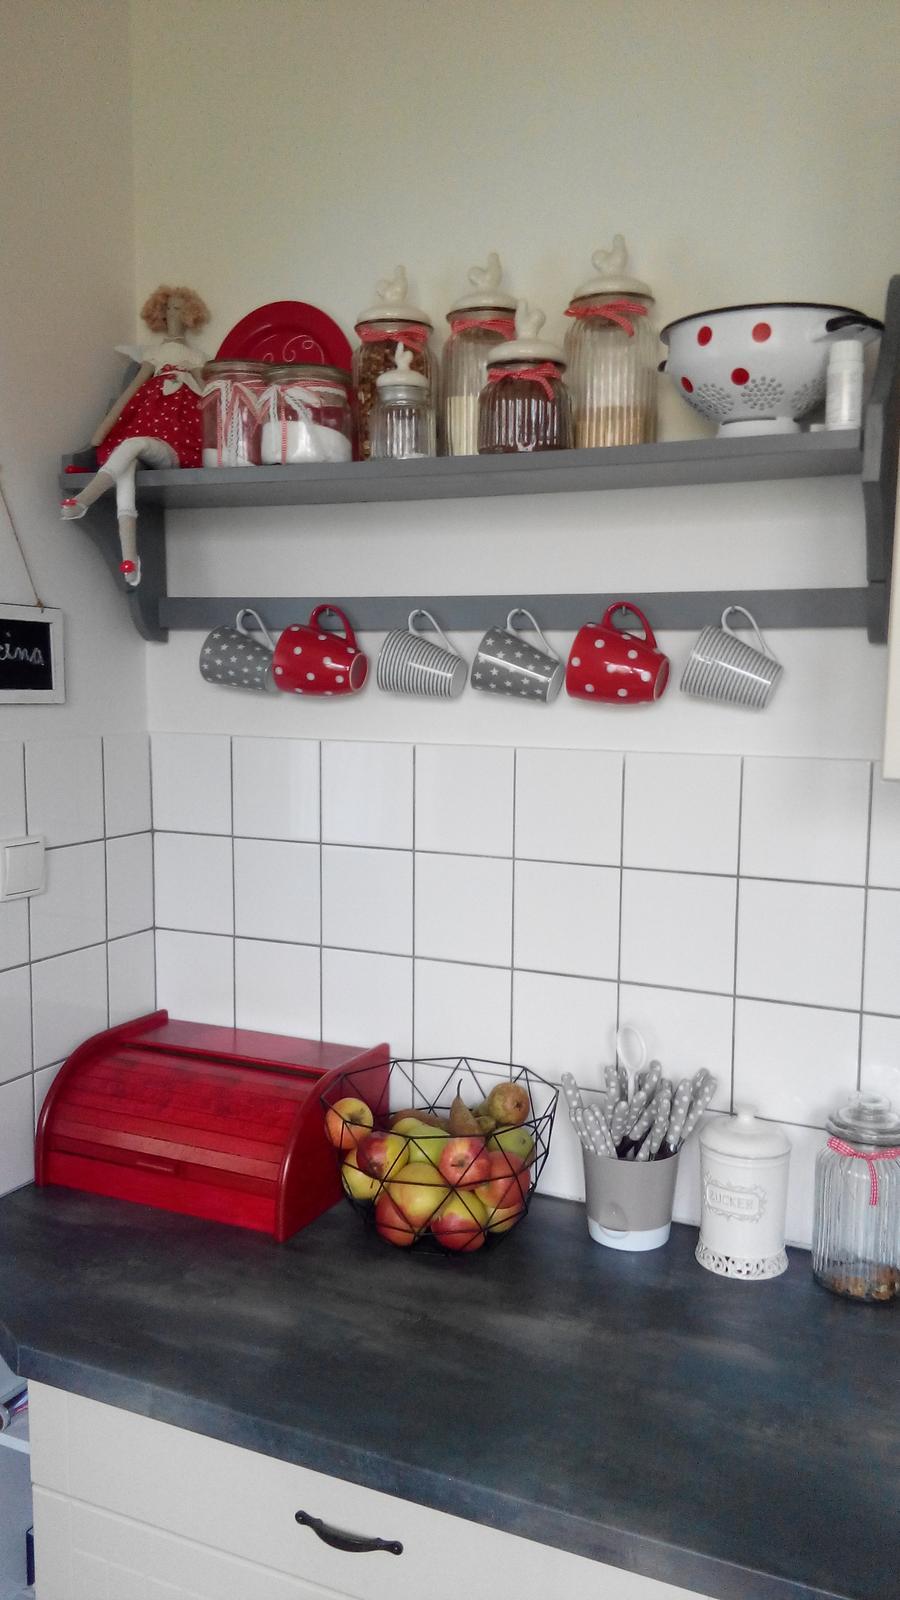 Kuchyňa - Pretrela som aj chlebnik len tato farba presvita tak je vidiet povodny vzor ale nie je to take strasne.